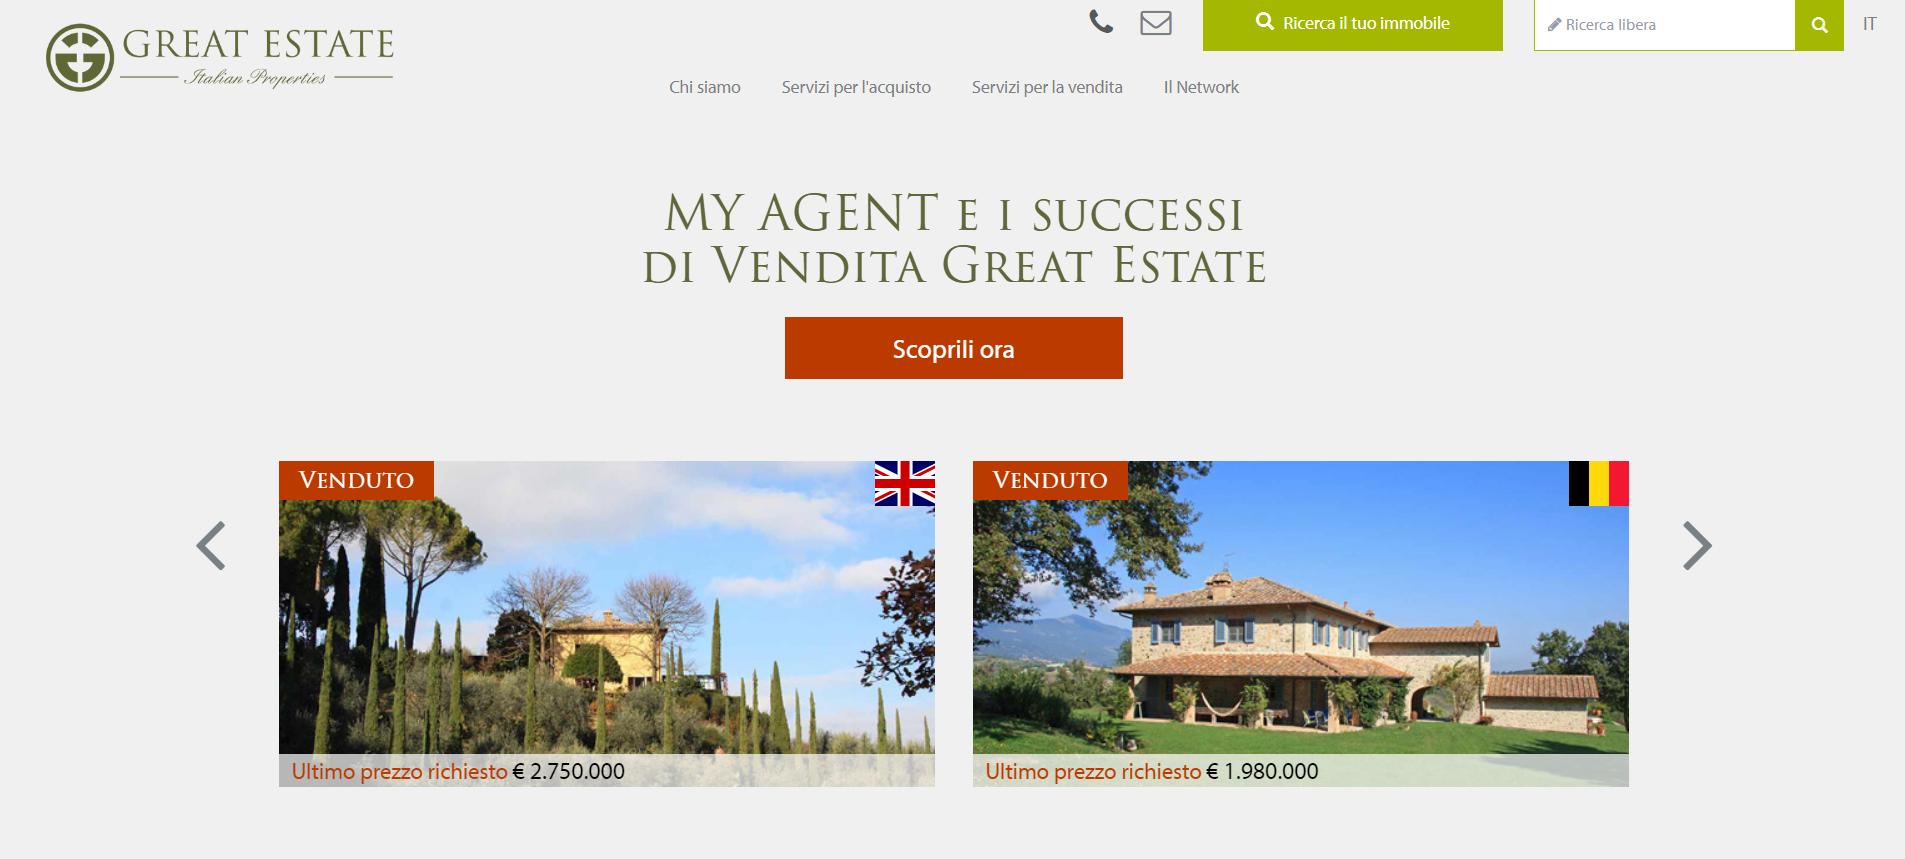 castello, vendita, great estate